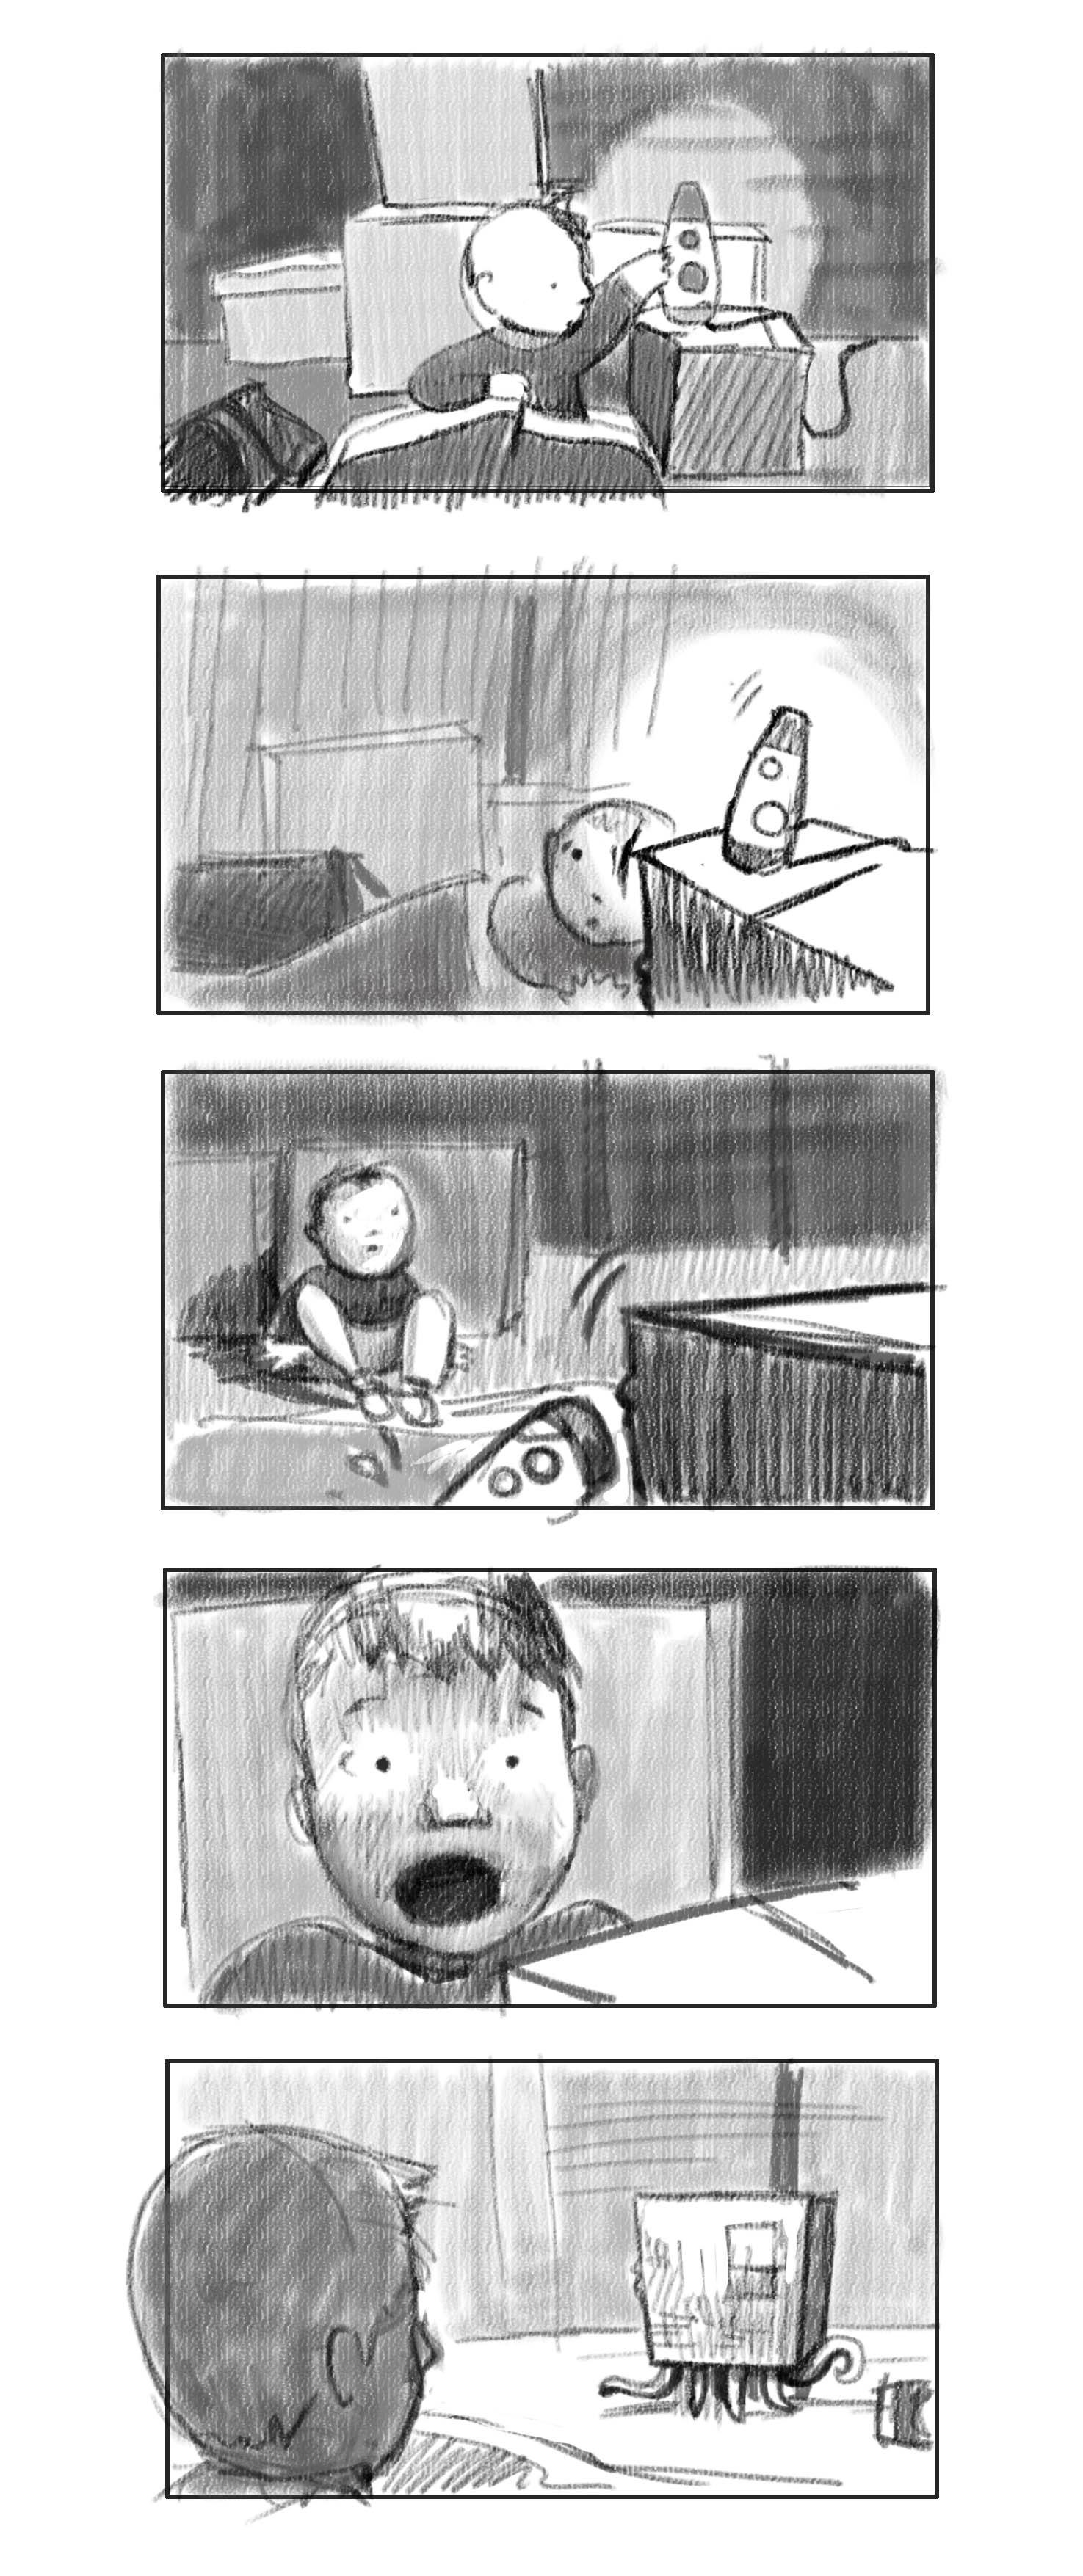 Storyboard example.jpg